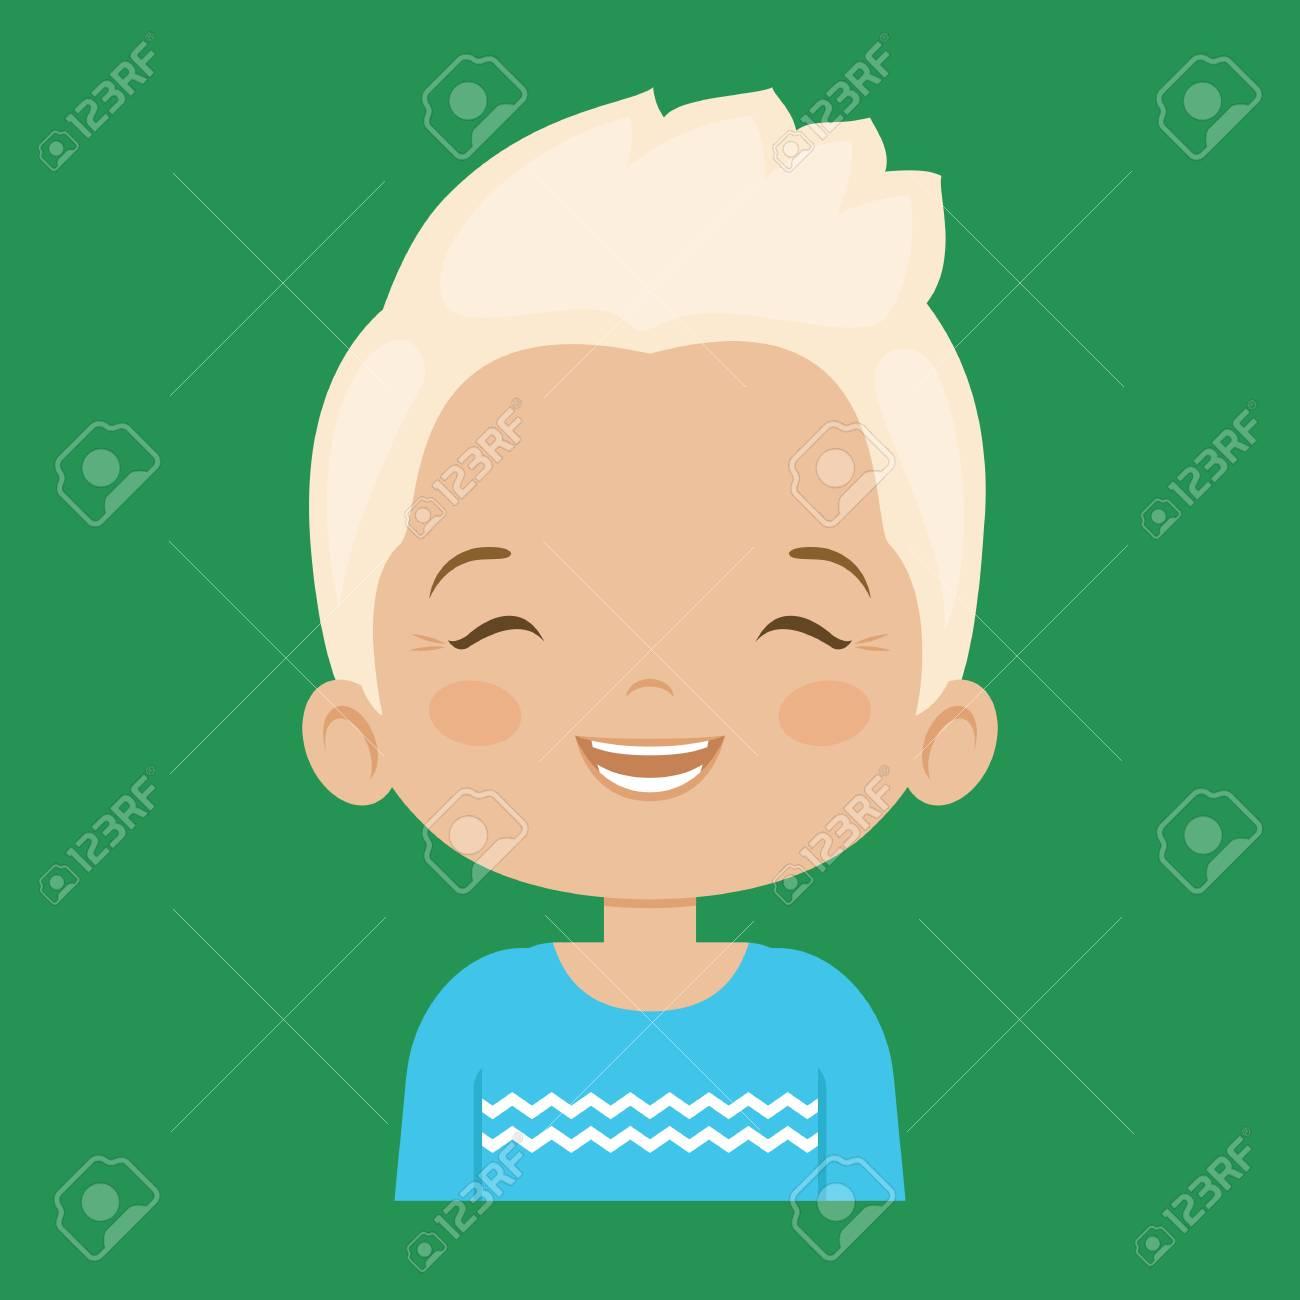 Blond Petit Garçon Riant Expression Faciale Illustrations De Vecteur De Dessin Animé Isolées Sur Fond Vert Beau Petit Garçon Emoji En Train De Rire